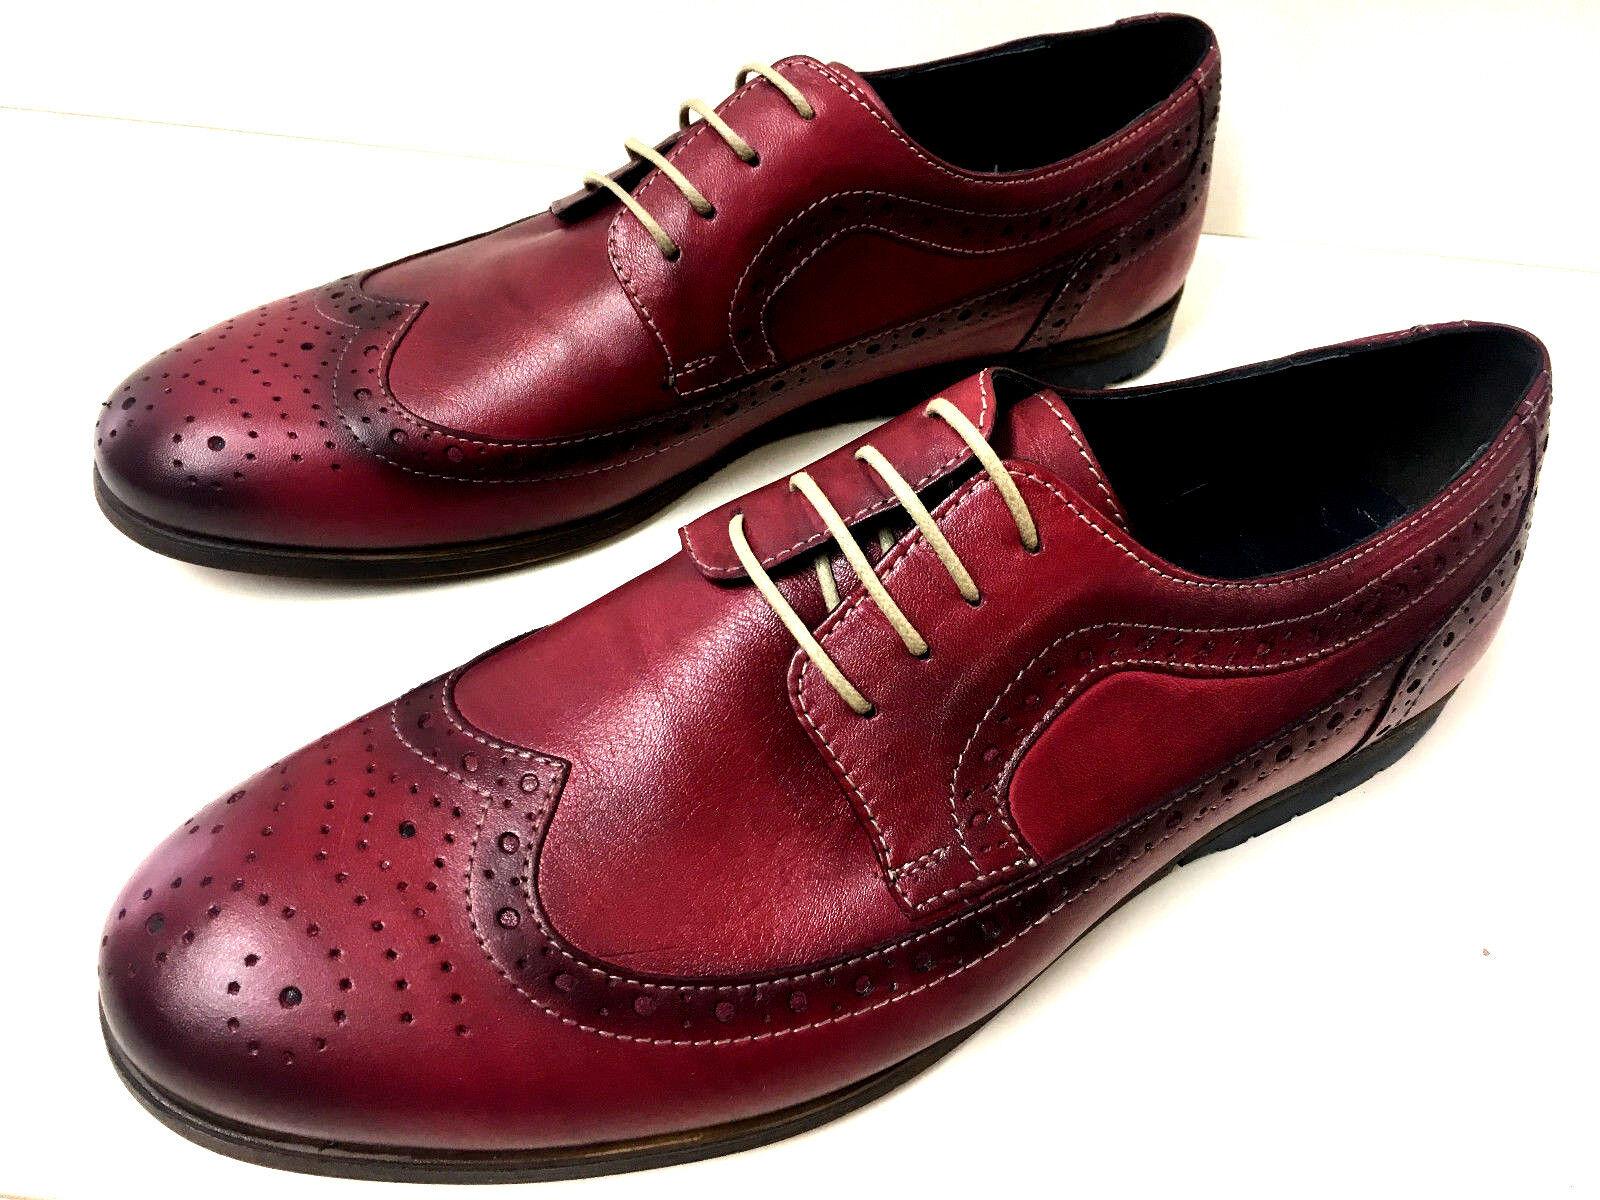 Nuevo Moda Rojo Burdeos Mocasín Mocasín Cuero Budapest Zapatos con Cordones